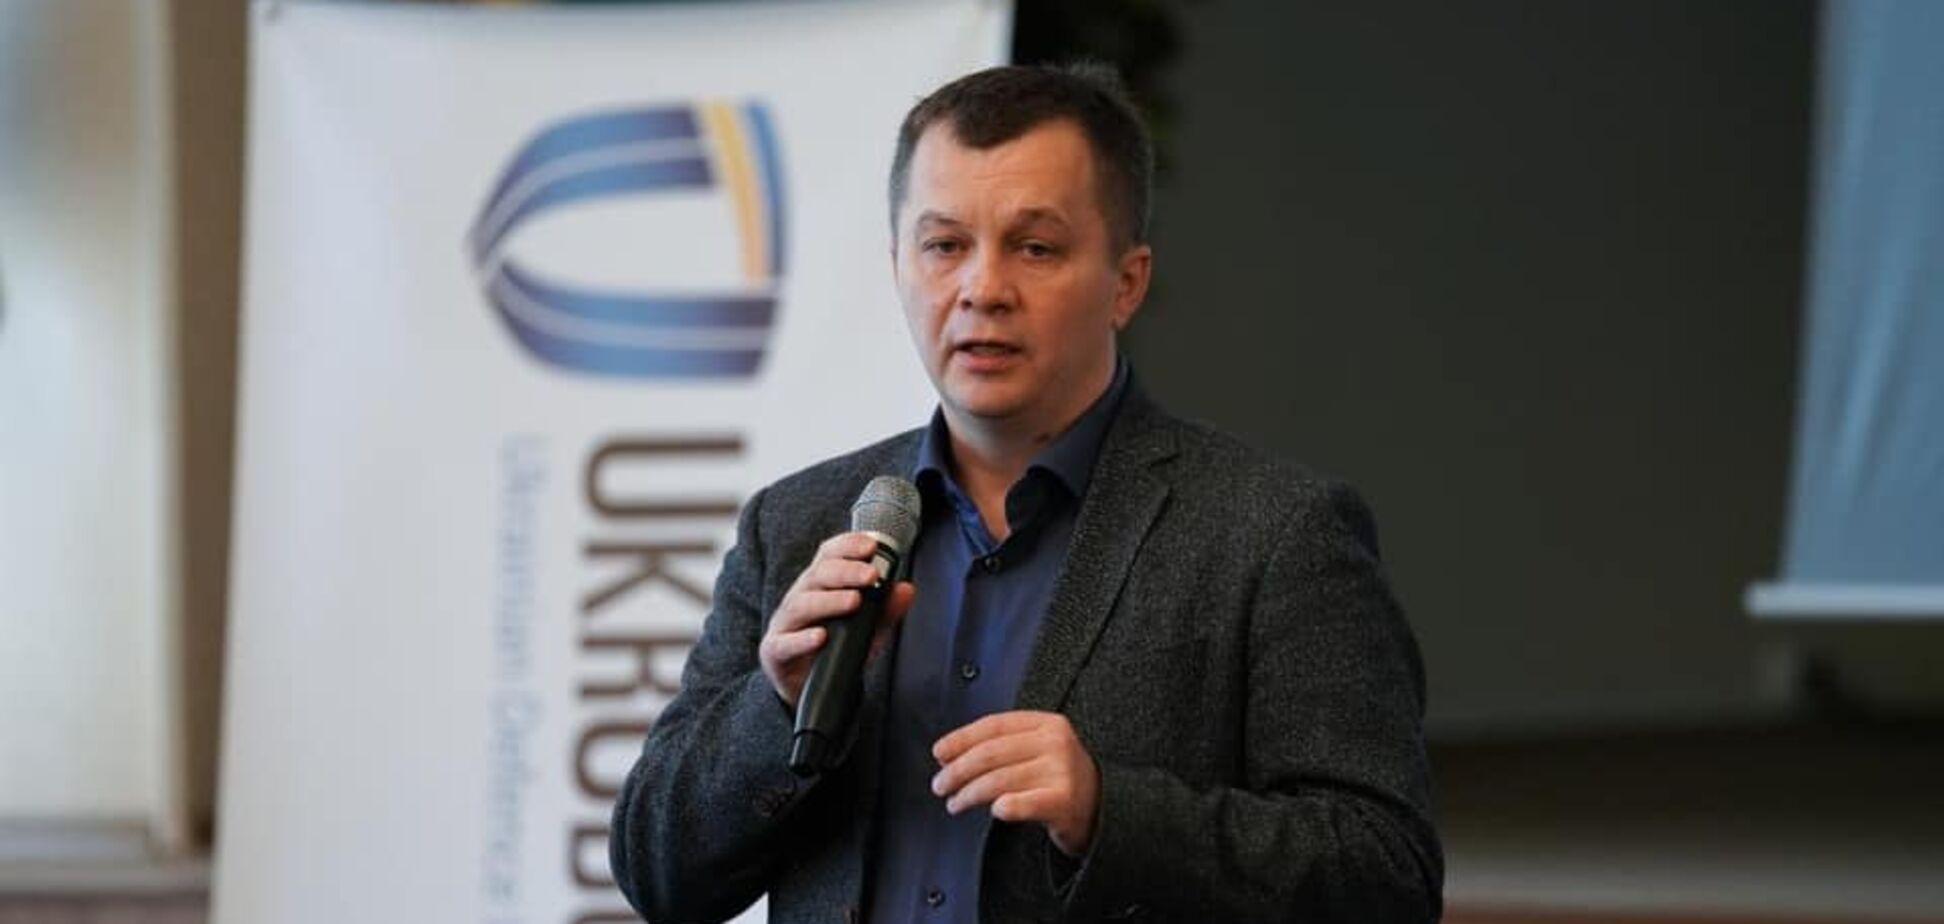 Милованов предложил выбрать главу БЭБ с помощью WhatsApp